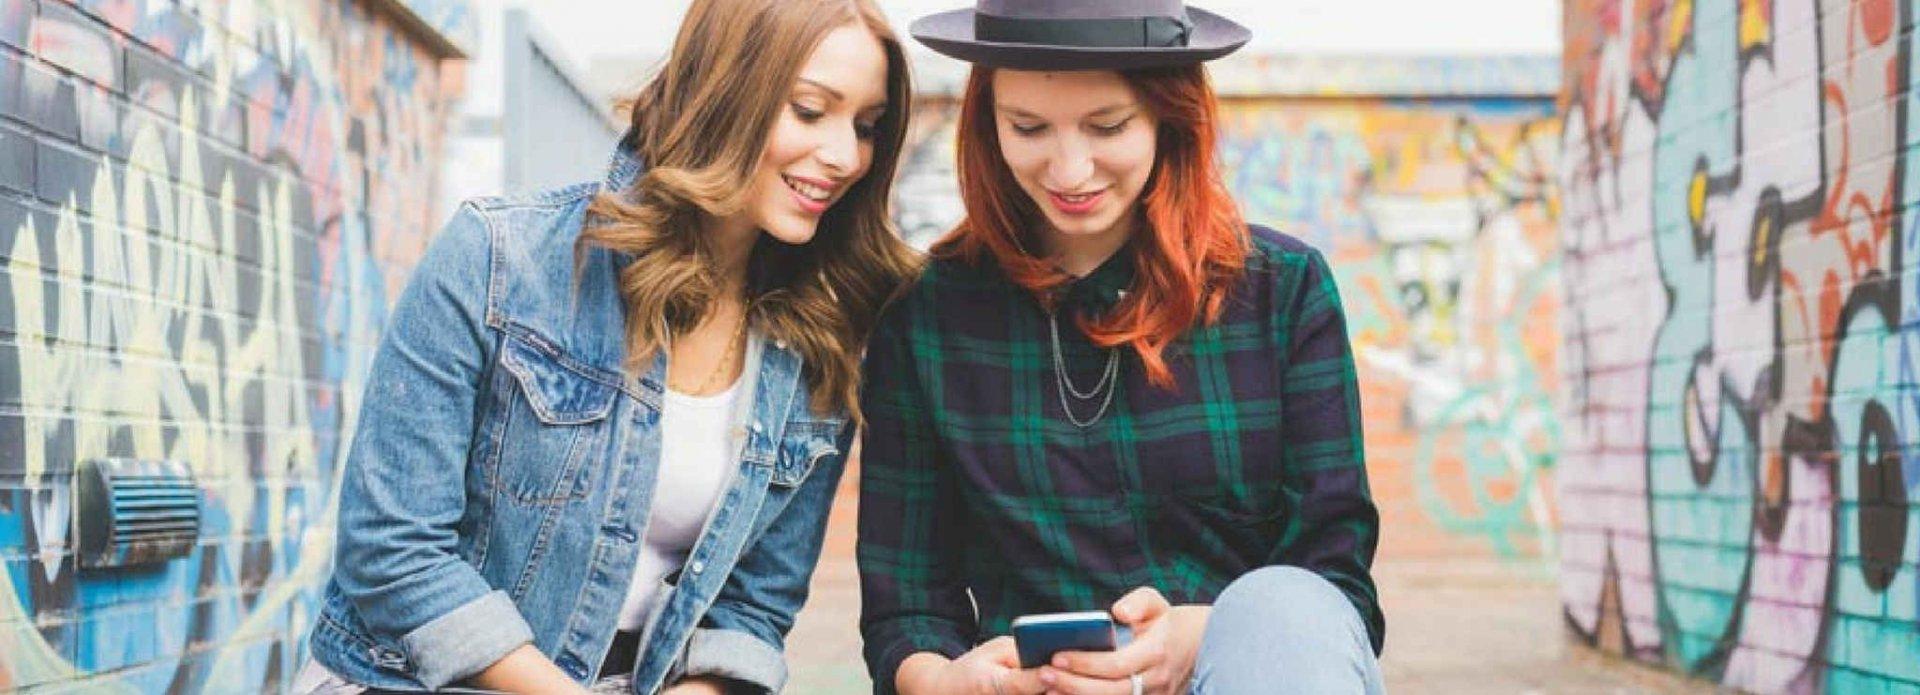 duas mulheres sentadas em um degrau na rua com paredes grafitadas ao fundo, olhando para a tela de um celular e sorrindo